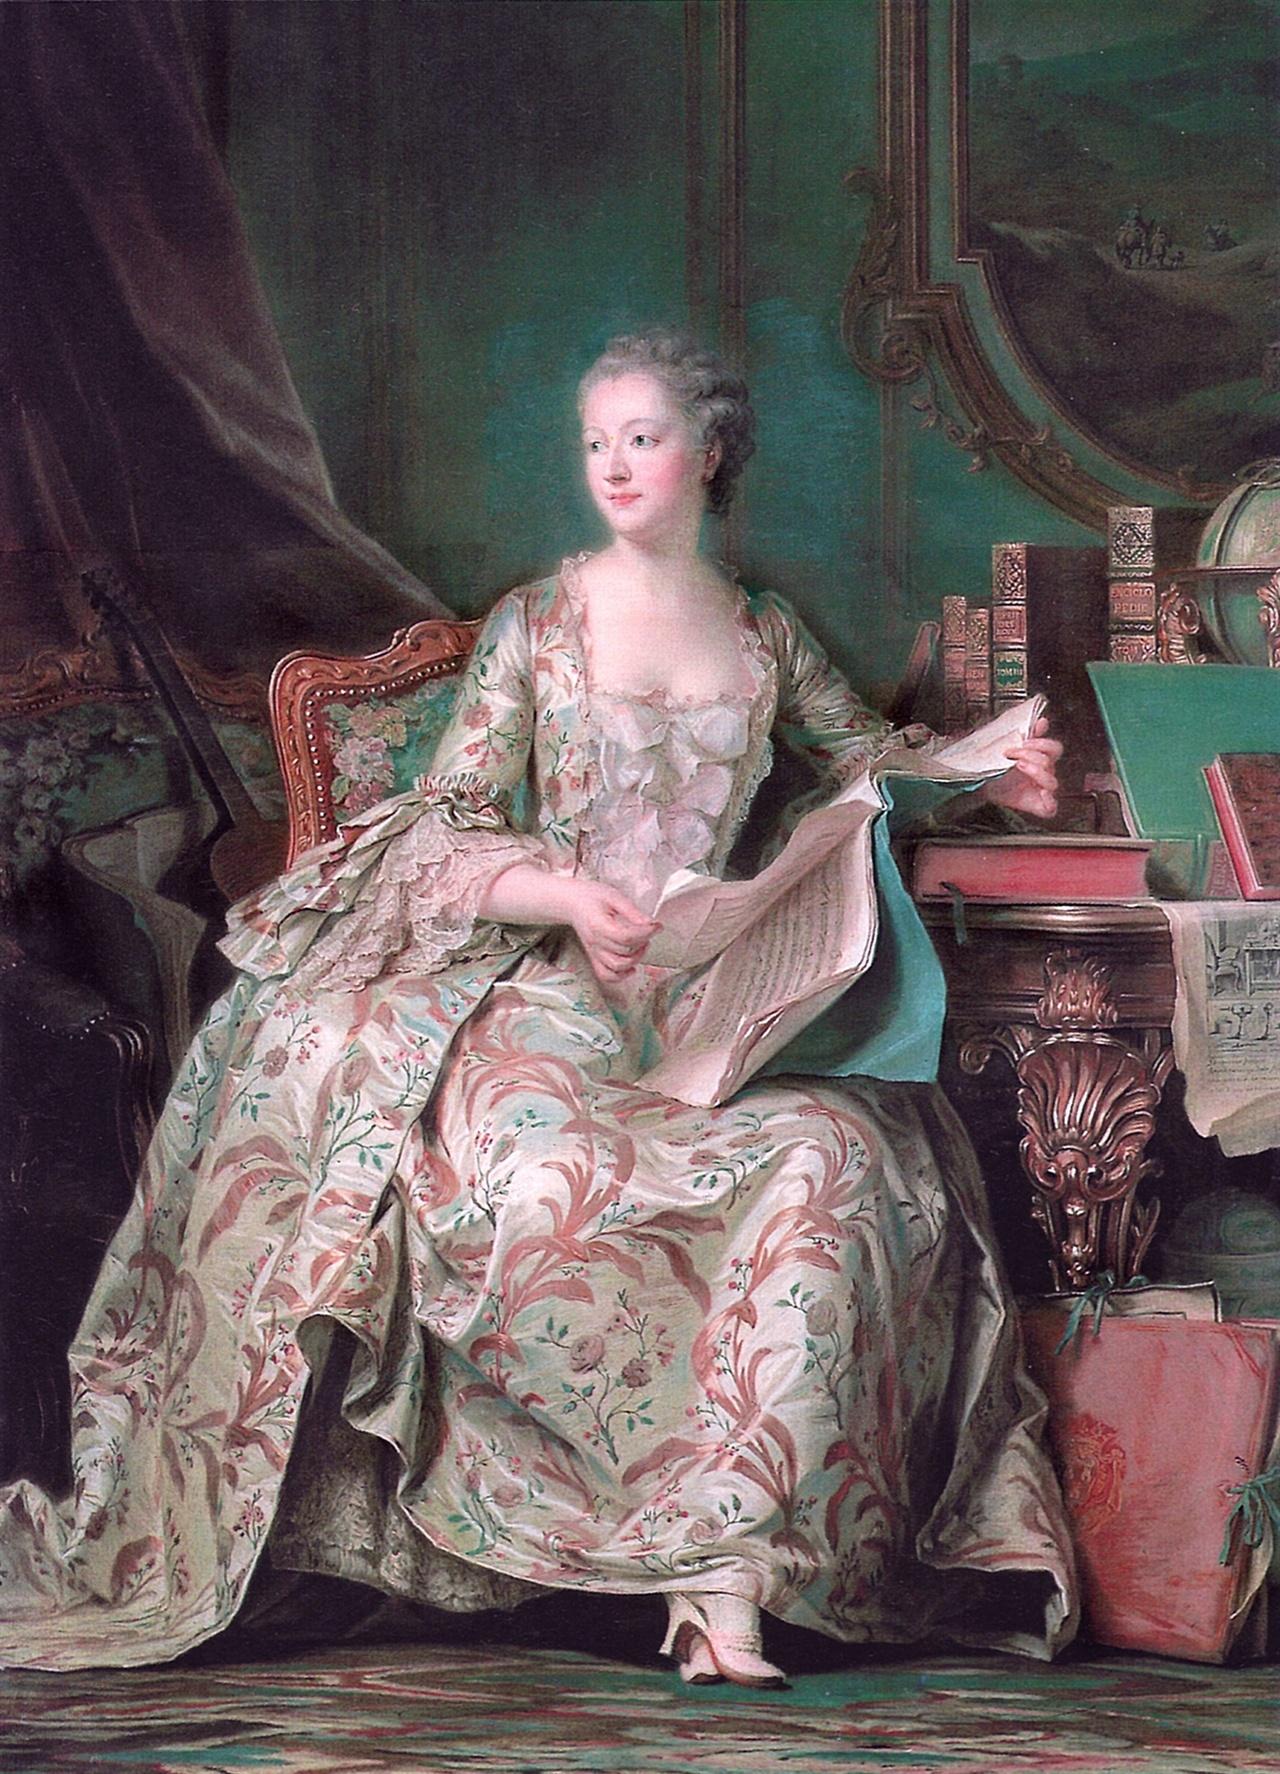 캉탱 드 라 투르가 그린 초상화 <퐁파두르 후작부인>, 1755년 완성